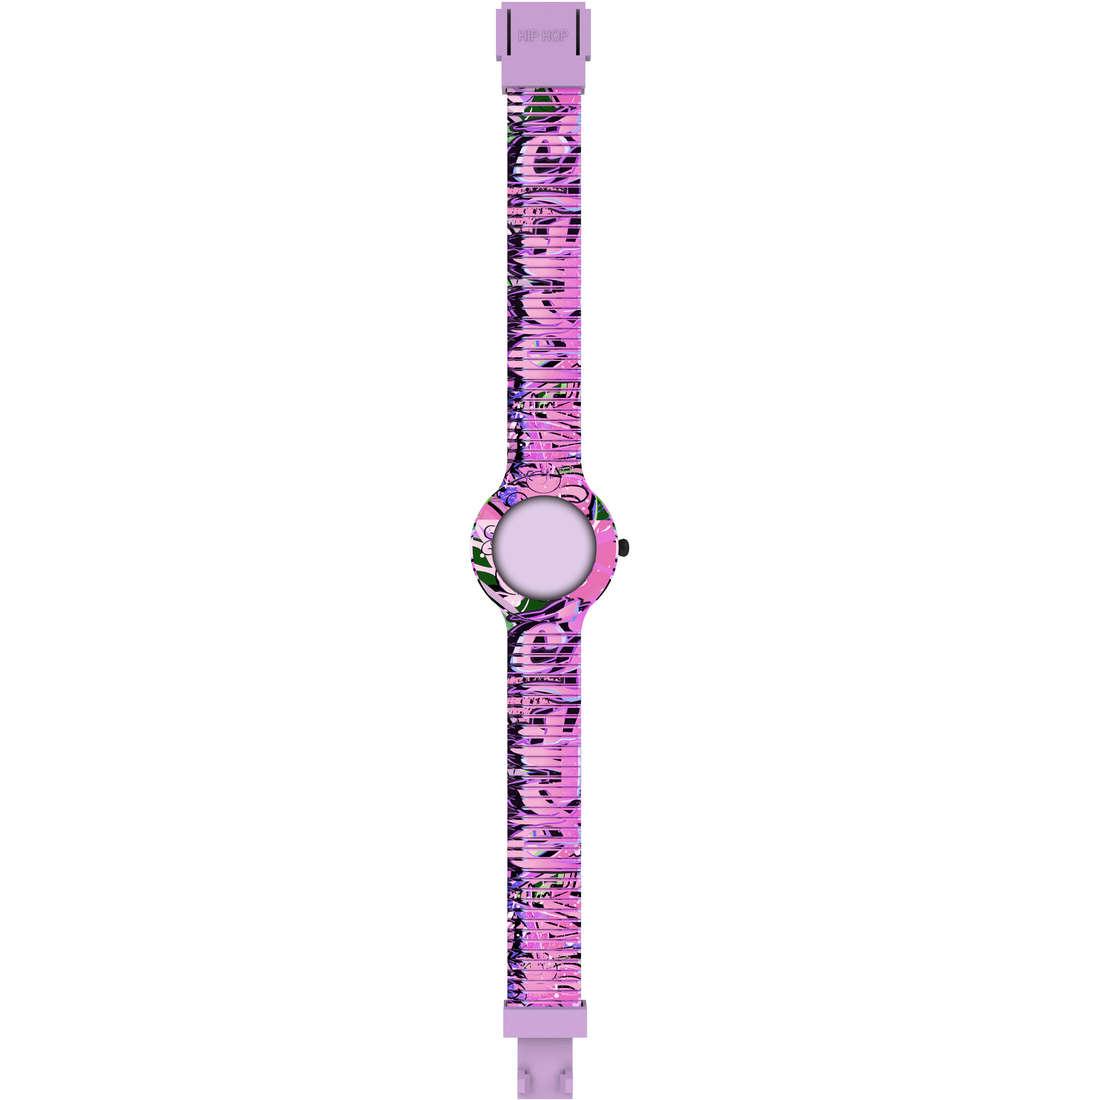 orologio accessorio donna Hip Hop Graffiti HBU0624